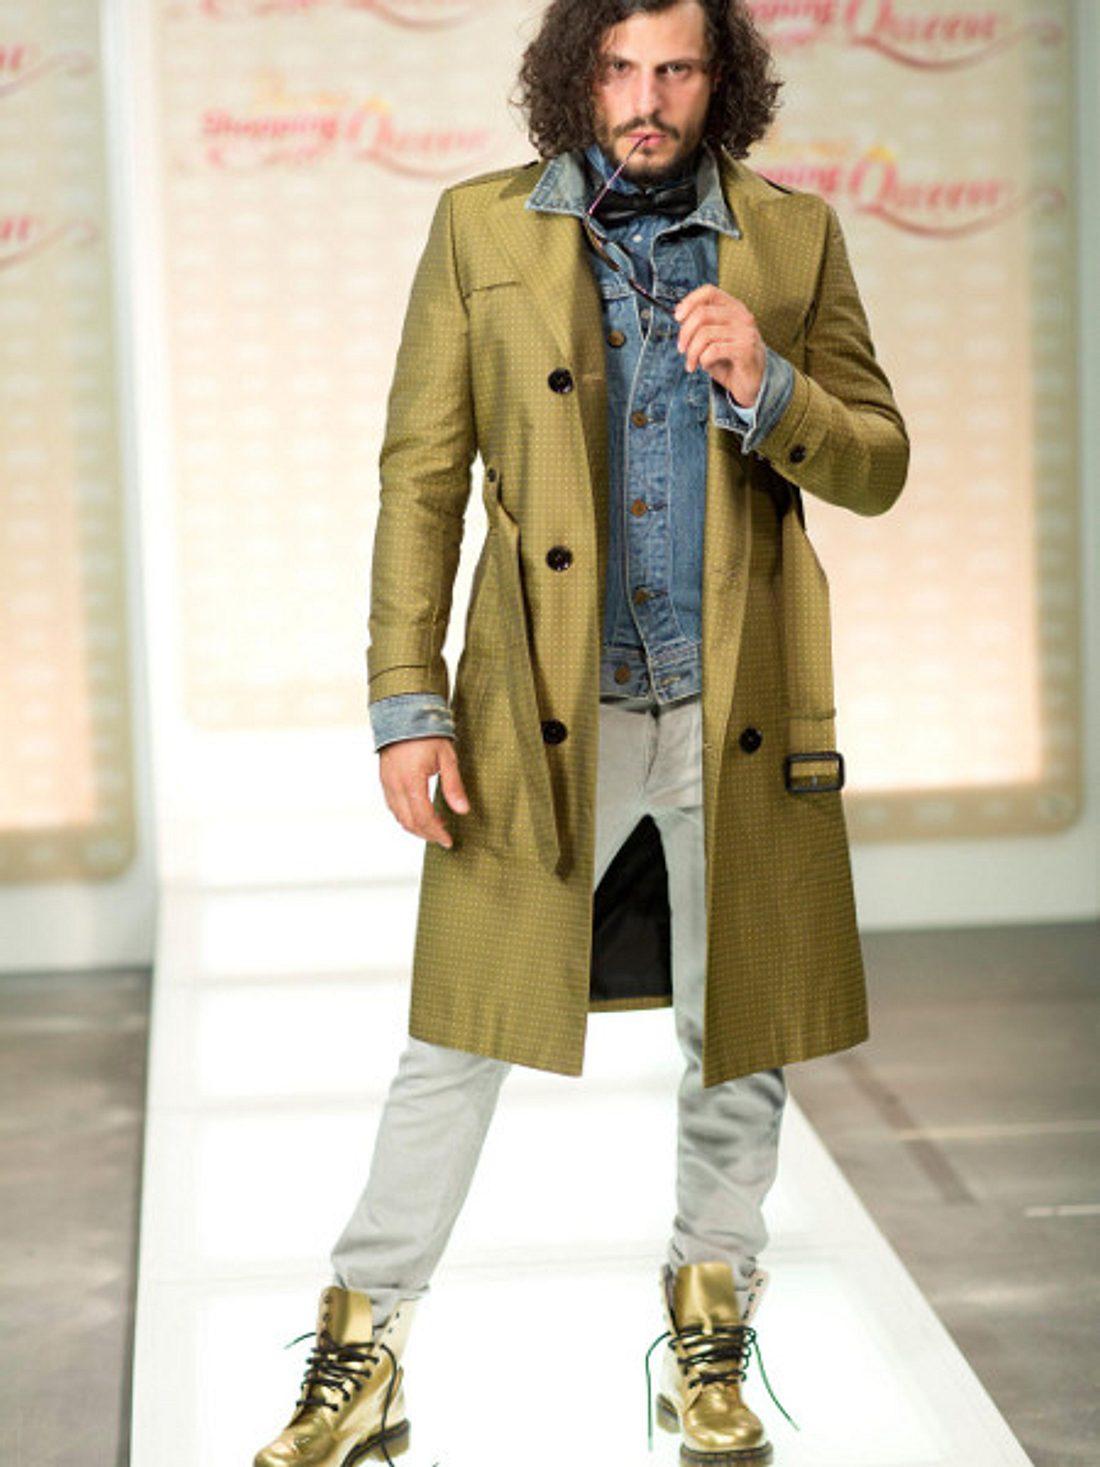 Promi Shopping Queen: Manuel Cortez ist der neue Mode-König